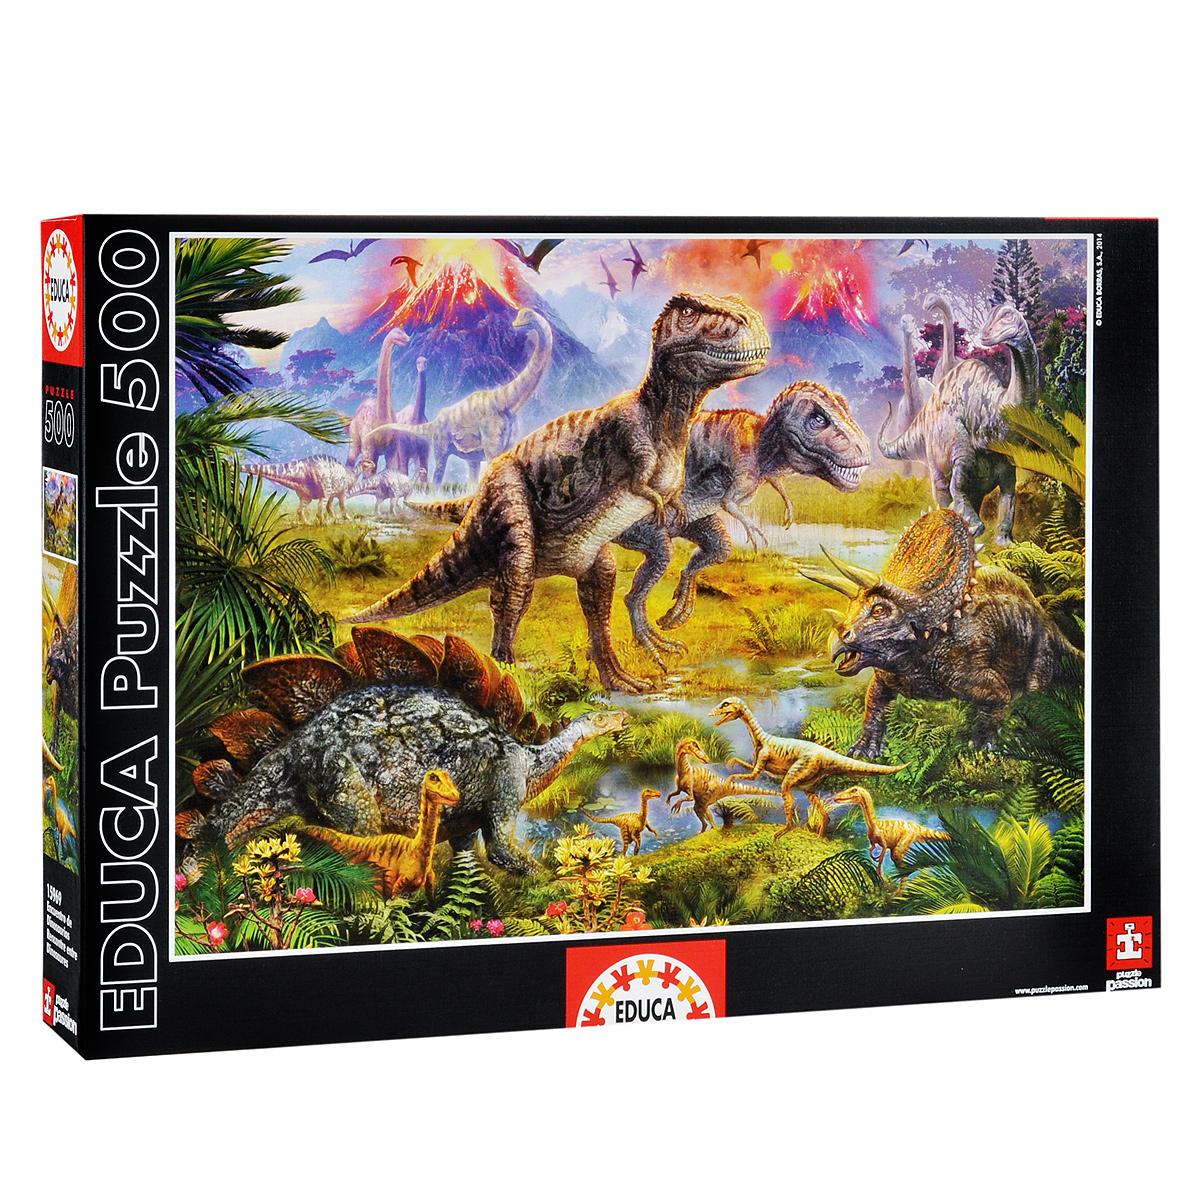 Встреча динозавров. Пазл, 500 элементов15969Пазл Встреча динозавров несомненно придется вам по душе. Собрав этот пазл, включающий в себя 500 элементов, вы получите великолепную картину с изображением различных динозавров. В комплект входит специальный клей, представляющий собой порошок, который перед применением требуется развести водой. Он надежно склеивает собранный пазл и не оставляет следов на поверхности картинки. Пазлы - прекрасное антистрессовое средство для взрослых и замечательная развивающая игра для детей. Собирание пазла развивает у ребенка мелкую моторику рук, тренирует наблюдательность, логическое мышление, знакомит с окружающим миром, с цветом и разнообразными формами, учит усидчивости и терпению, аккуратности и вниманию. Собирание пазла - прекрасное времяпрепровождение для всей семьи.